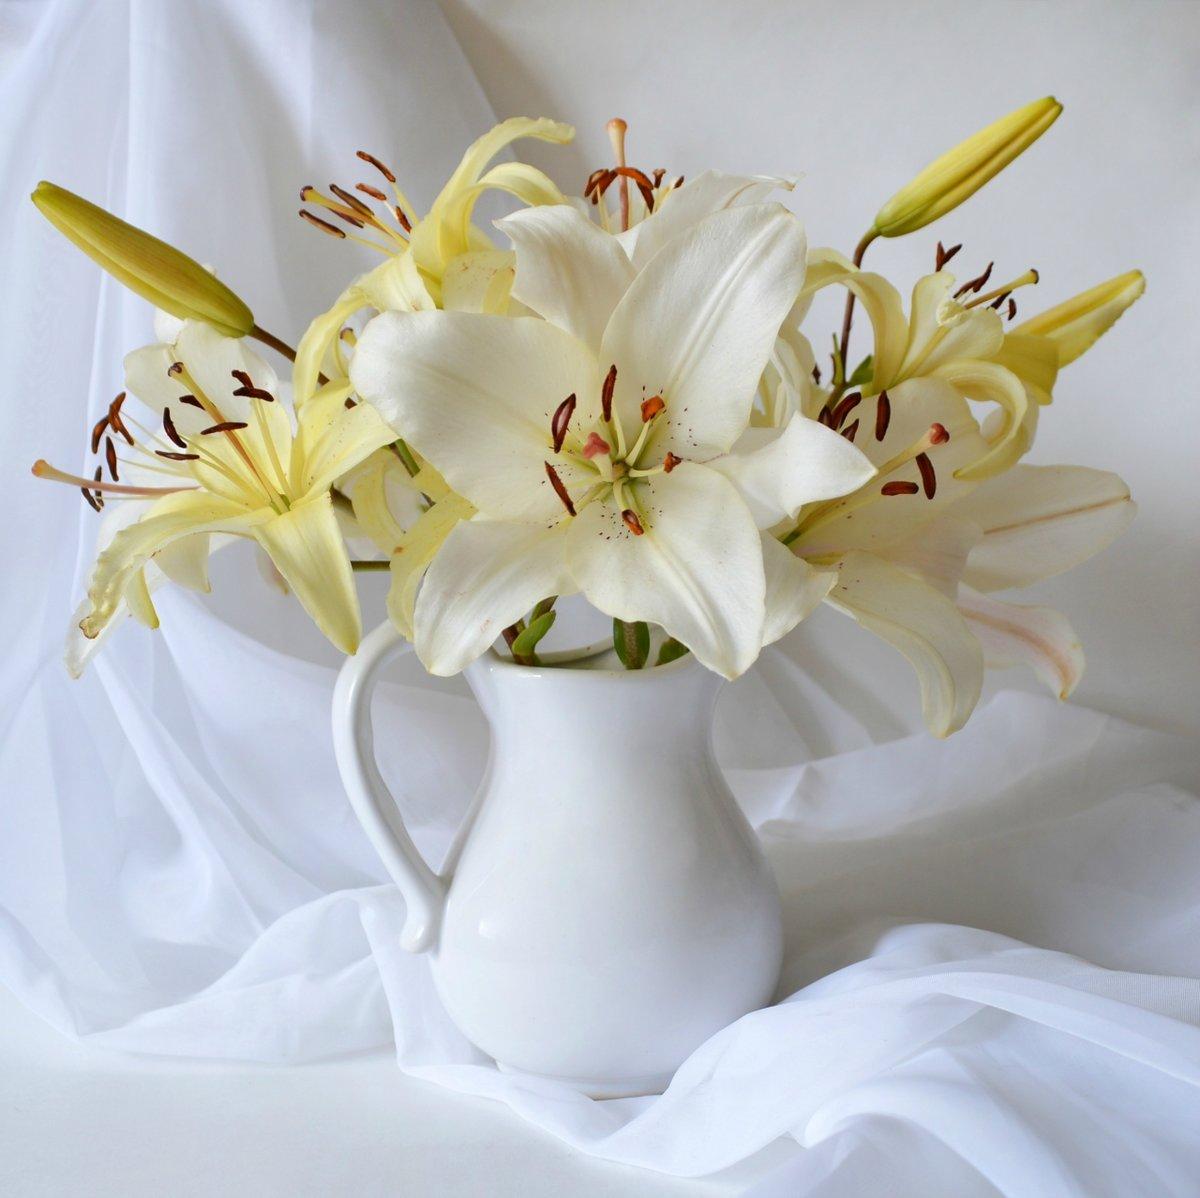 собак картинки с цветами лилии белые вид деятельности